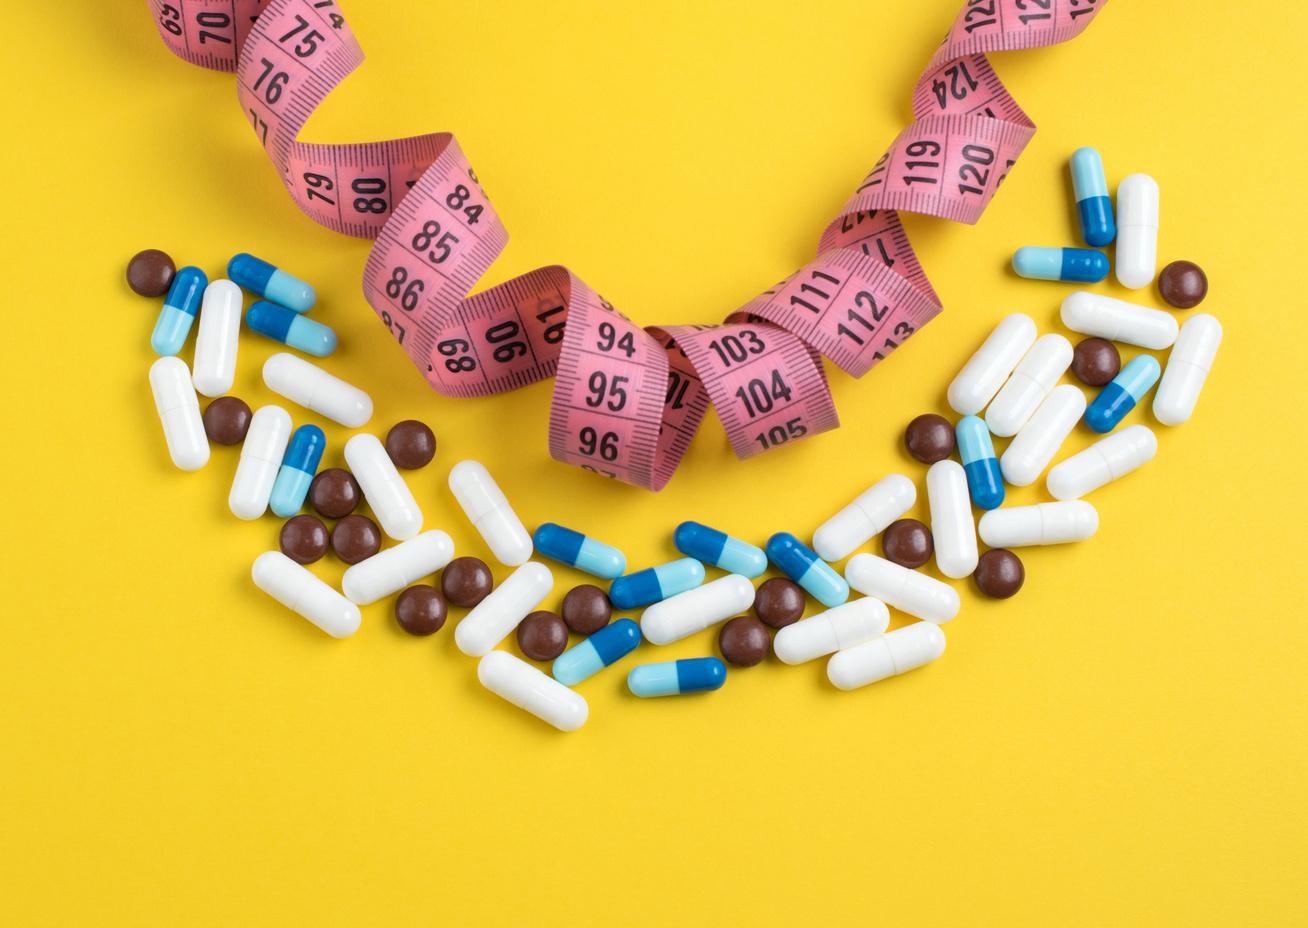 hogyan lehet megszabadulni a magas vérnyomástól tabletták nélkül)